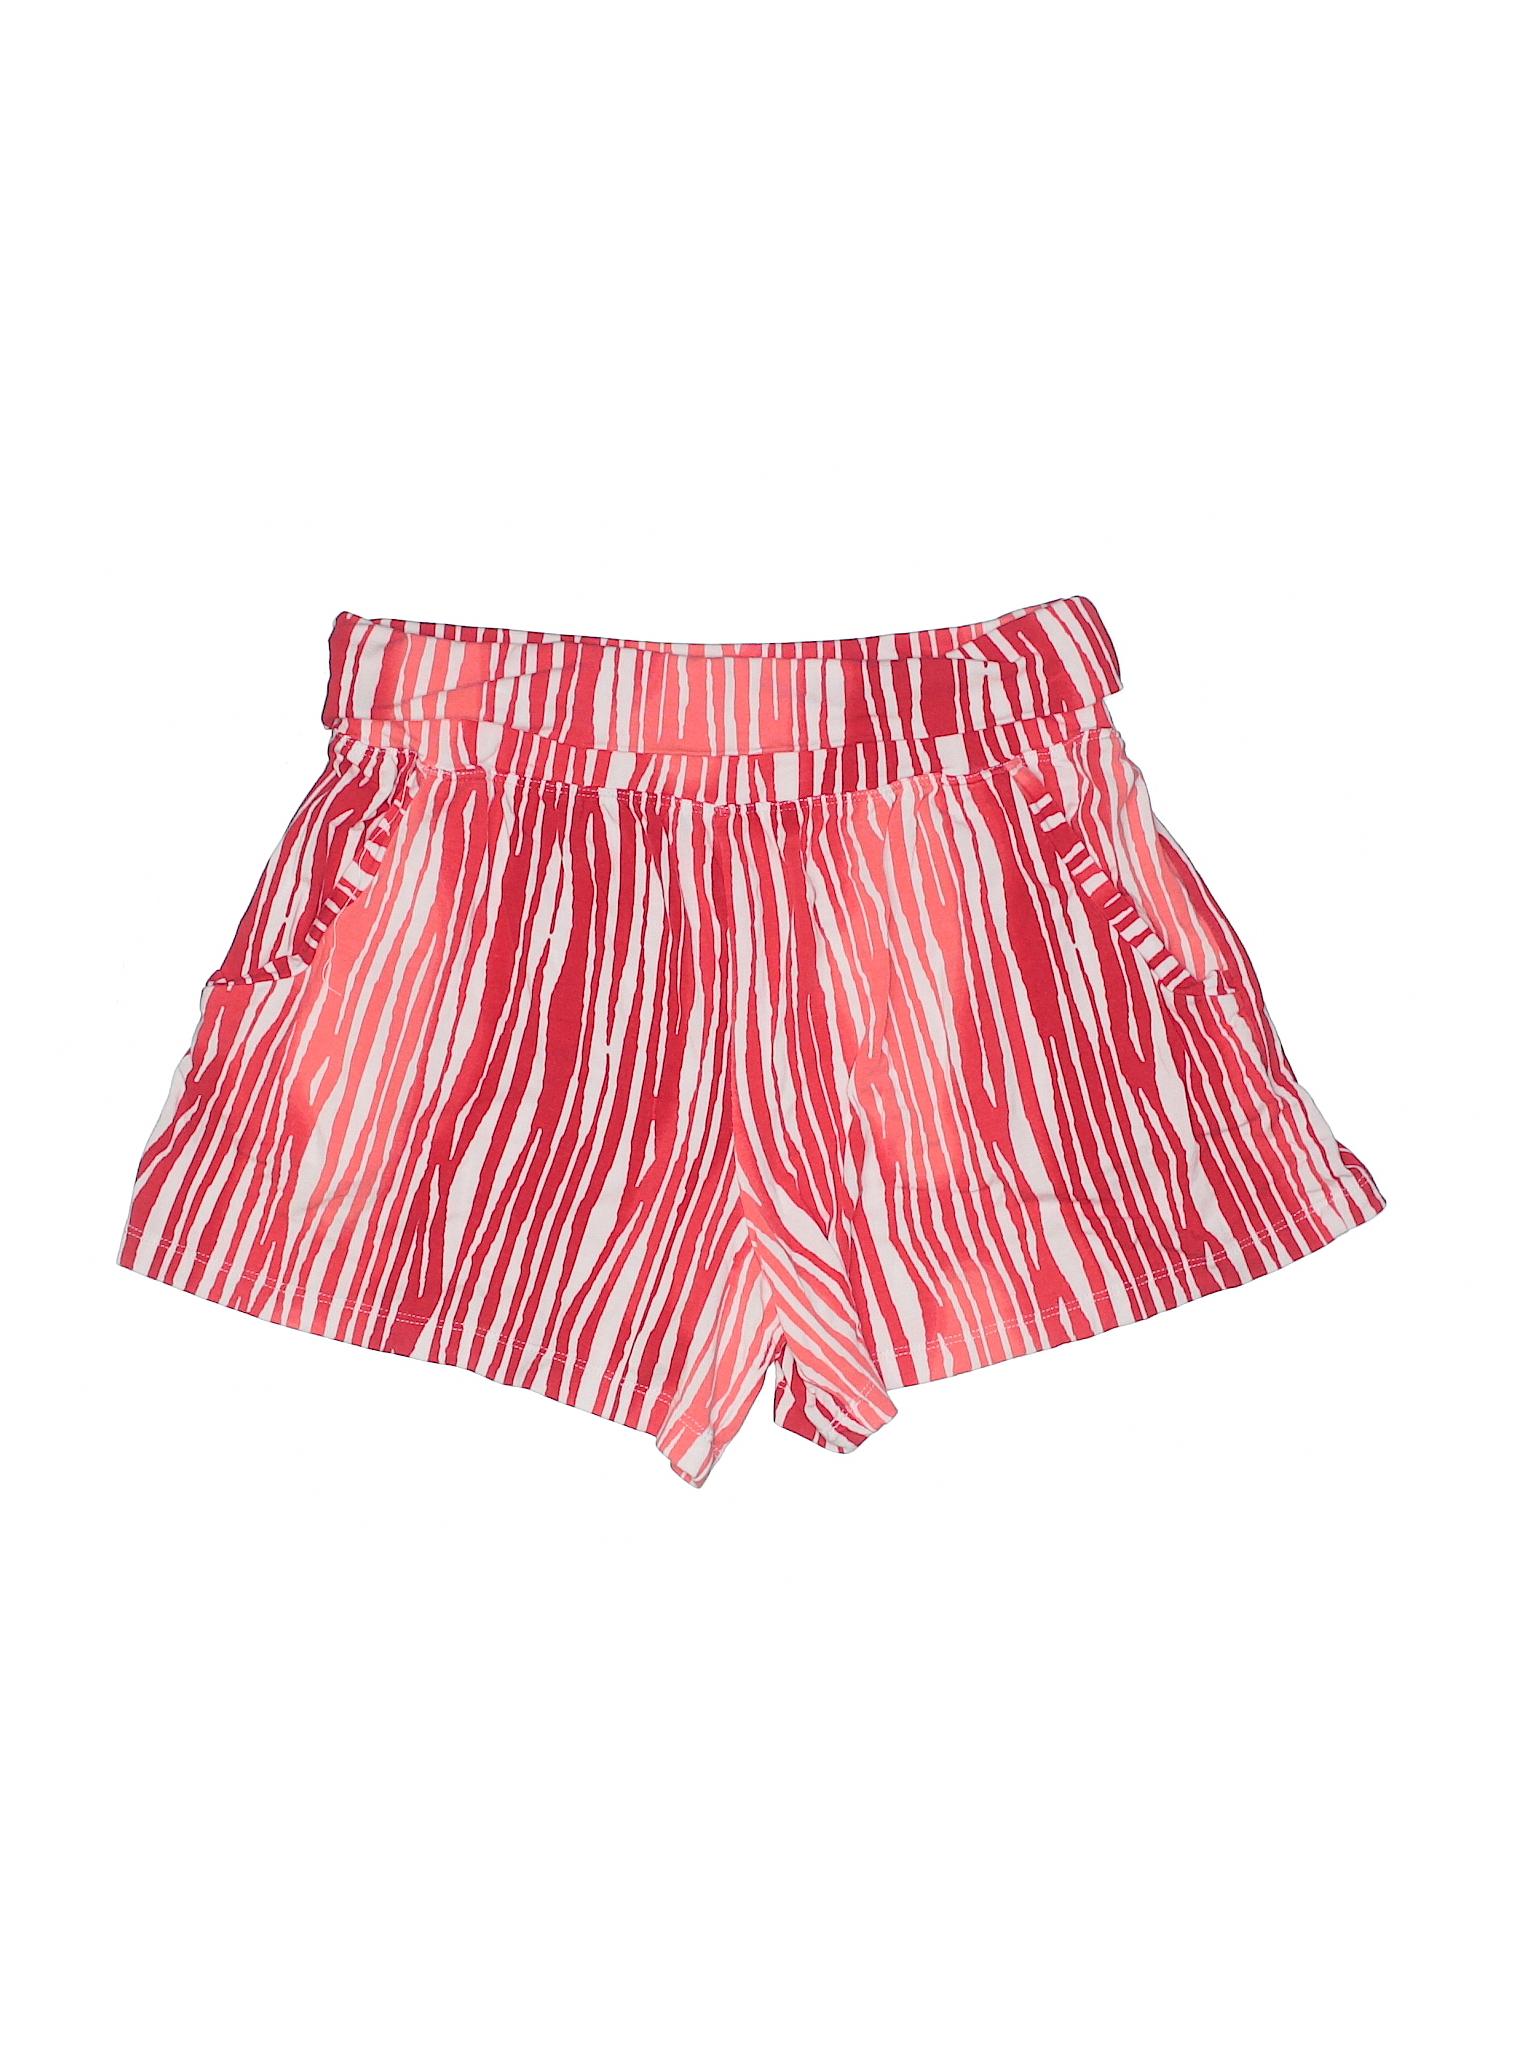 Boutique Shorts Tart Tart Boutique BwZOqq0